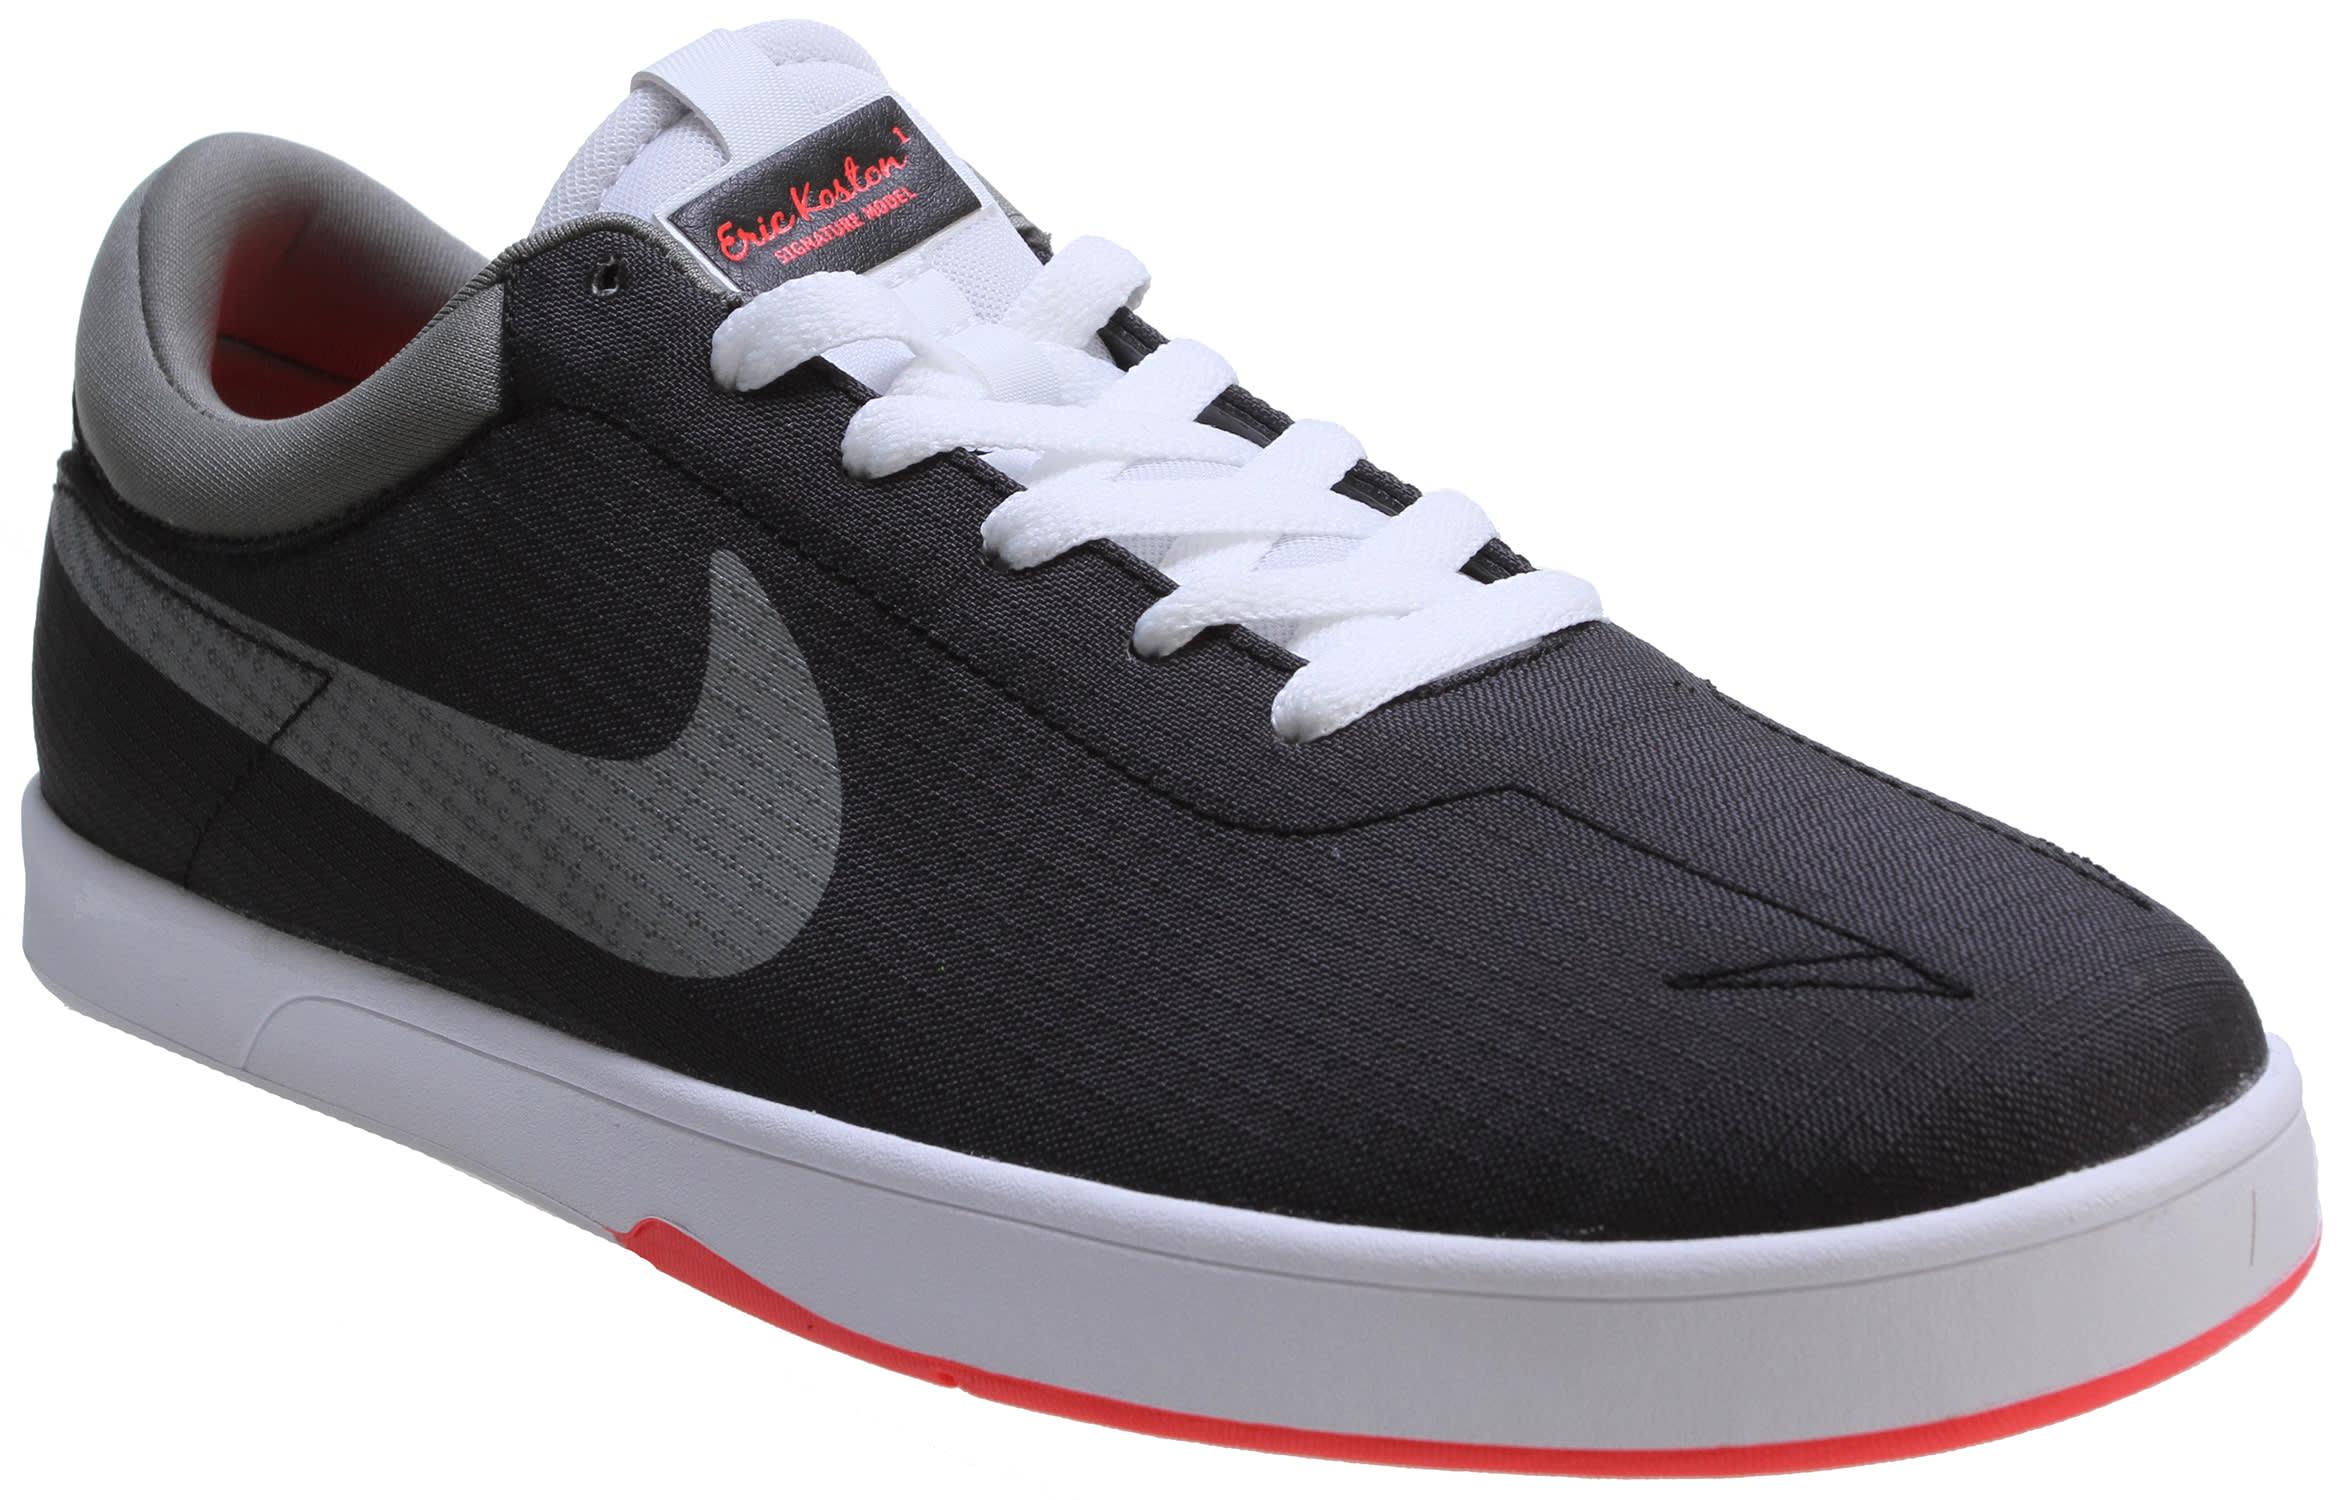 75e1f799e3e6 nike eric koston se nike eric koston se shoes blk mid base grey ...